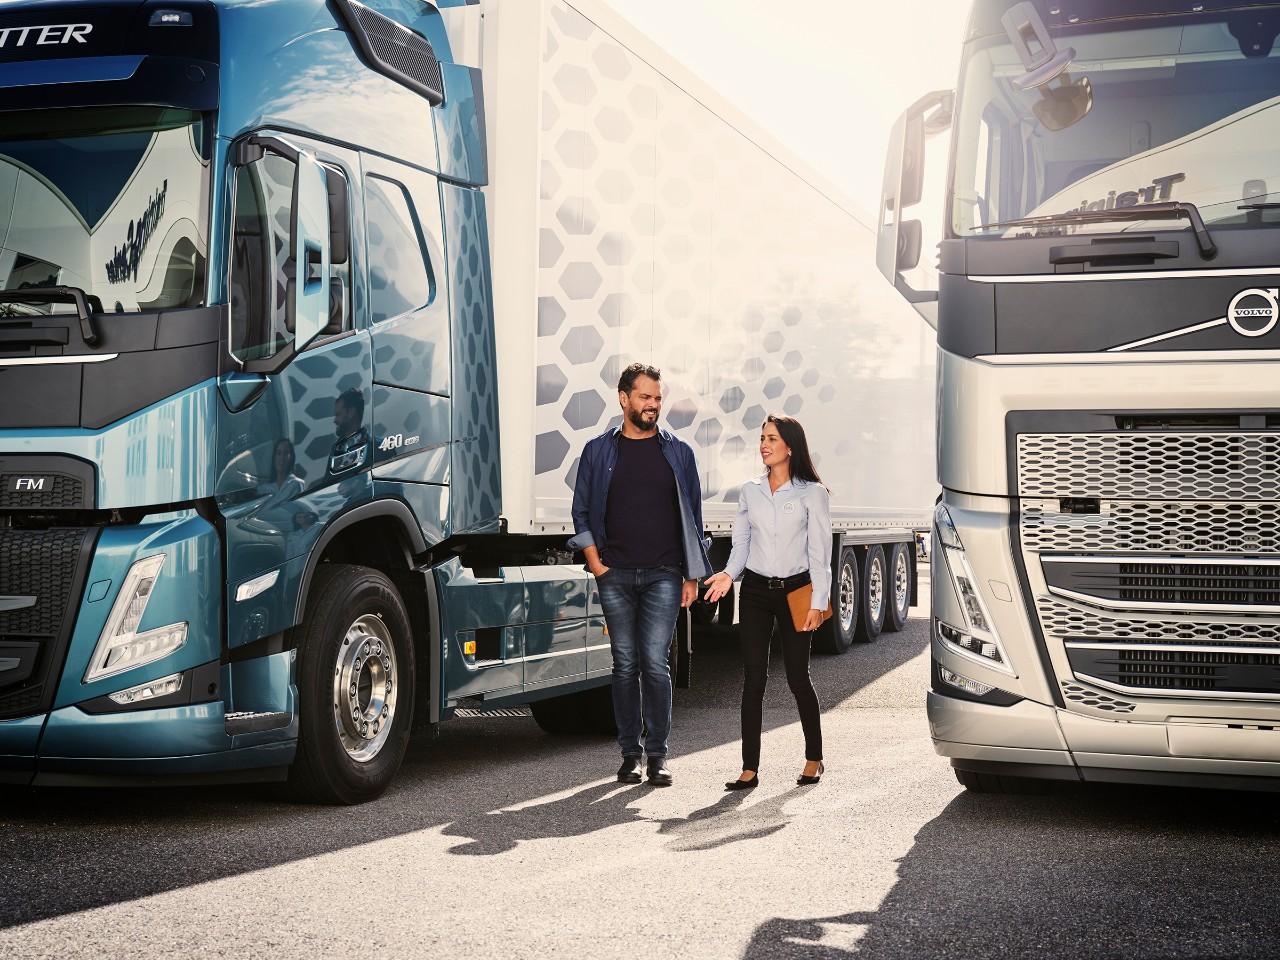 Služby pro nákladní vozidla– navržené pro vaše podnikání